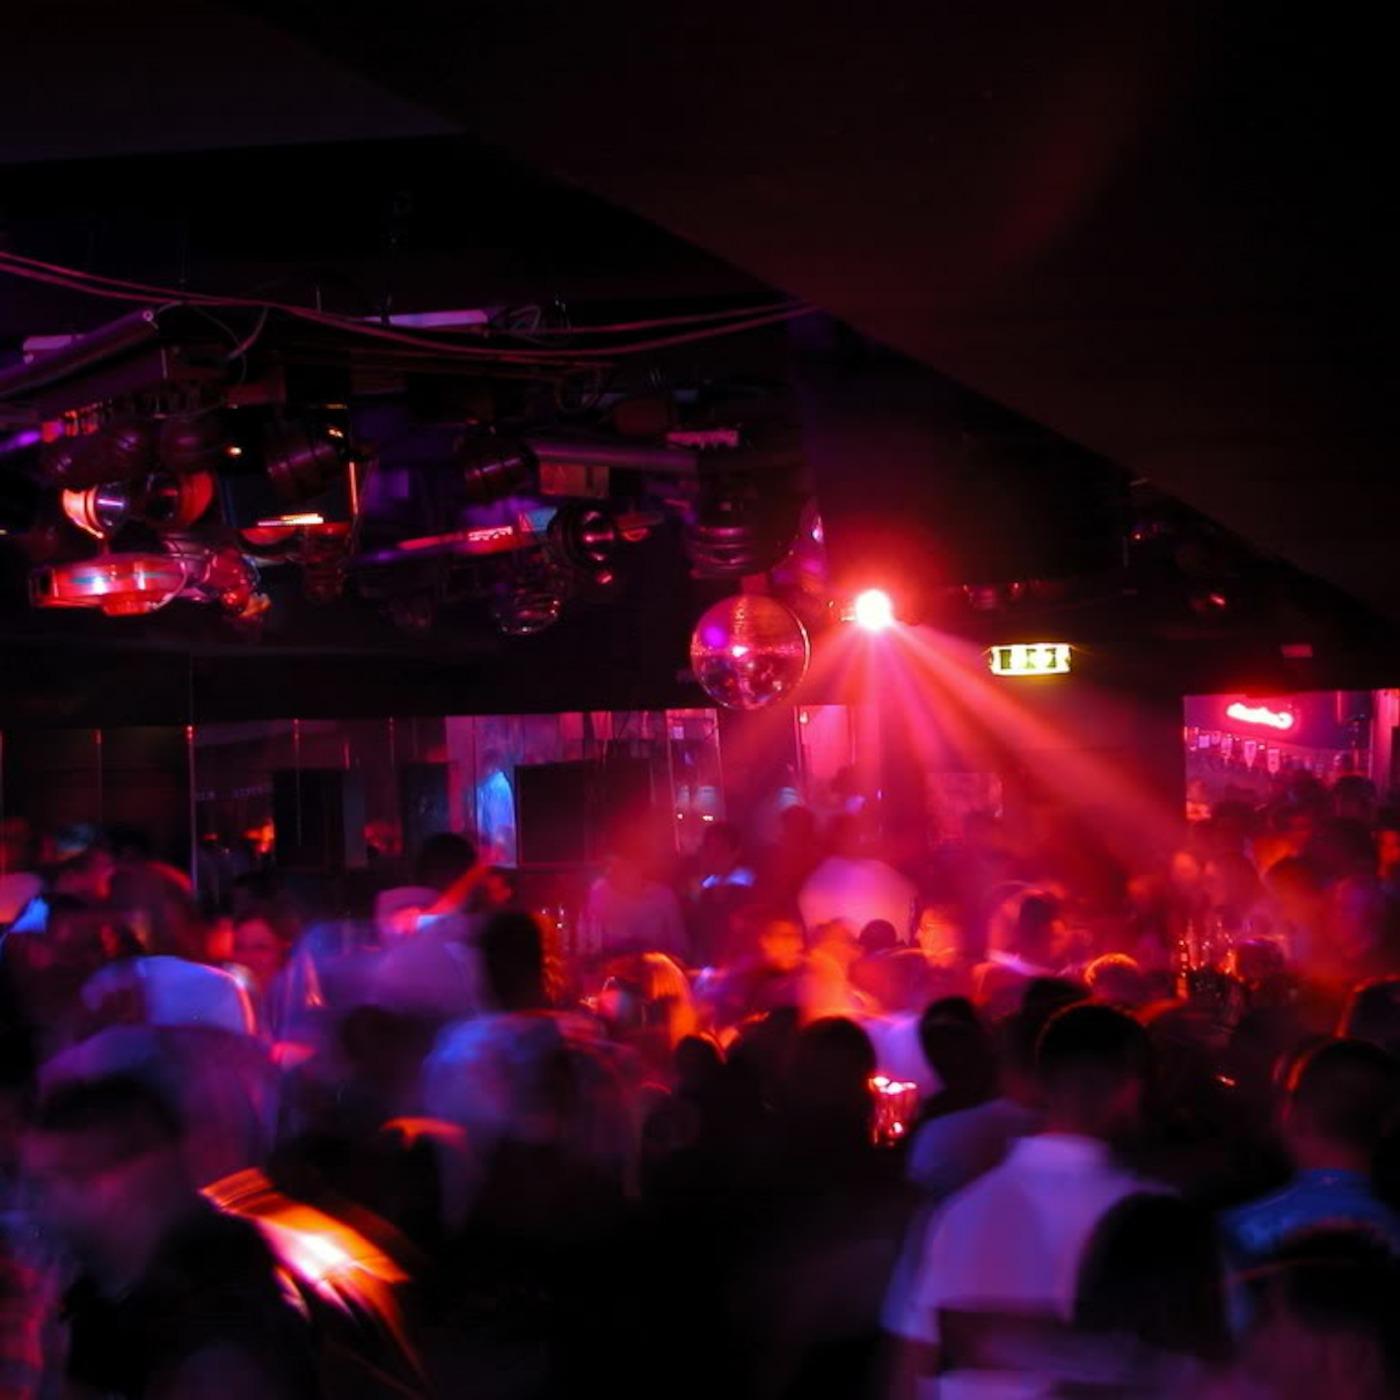 Смотреть развлечения в ночном клубе 15 фотография